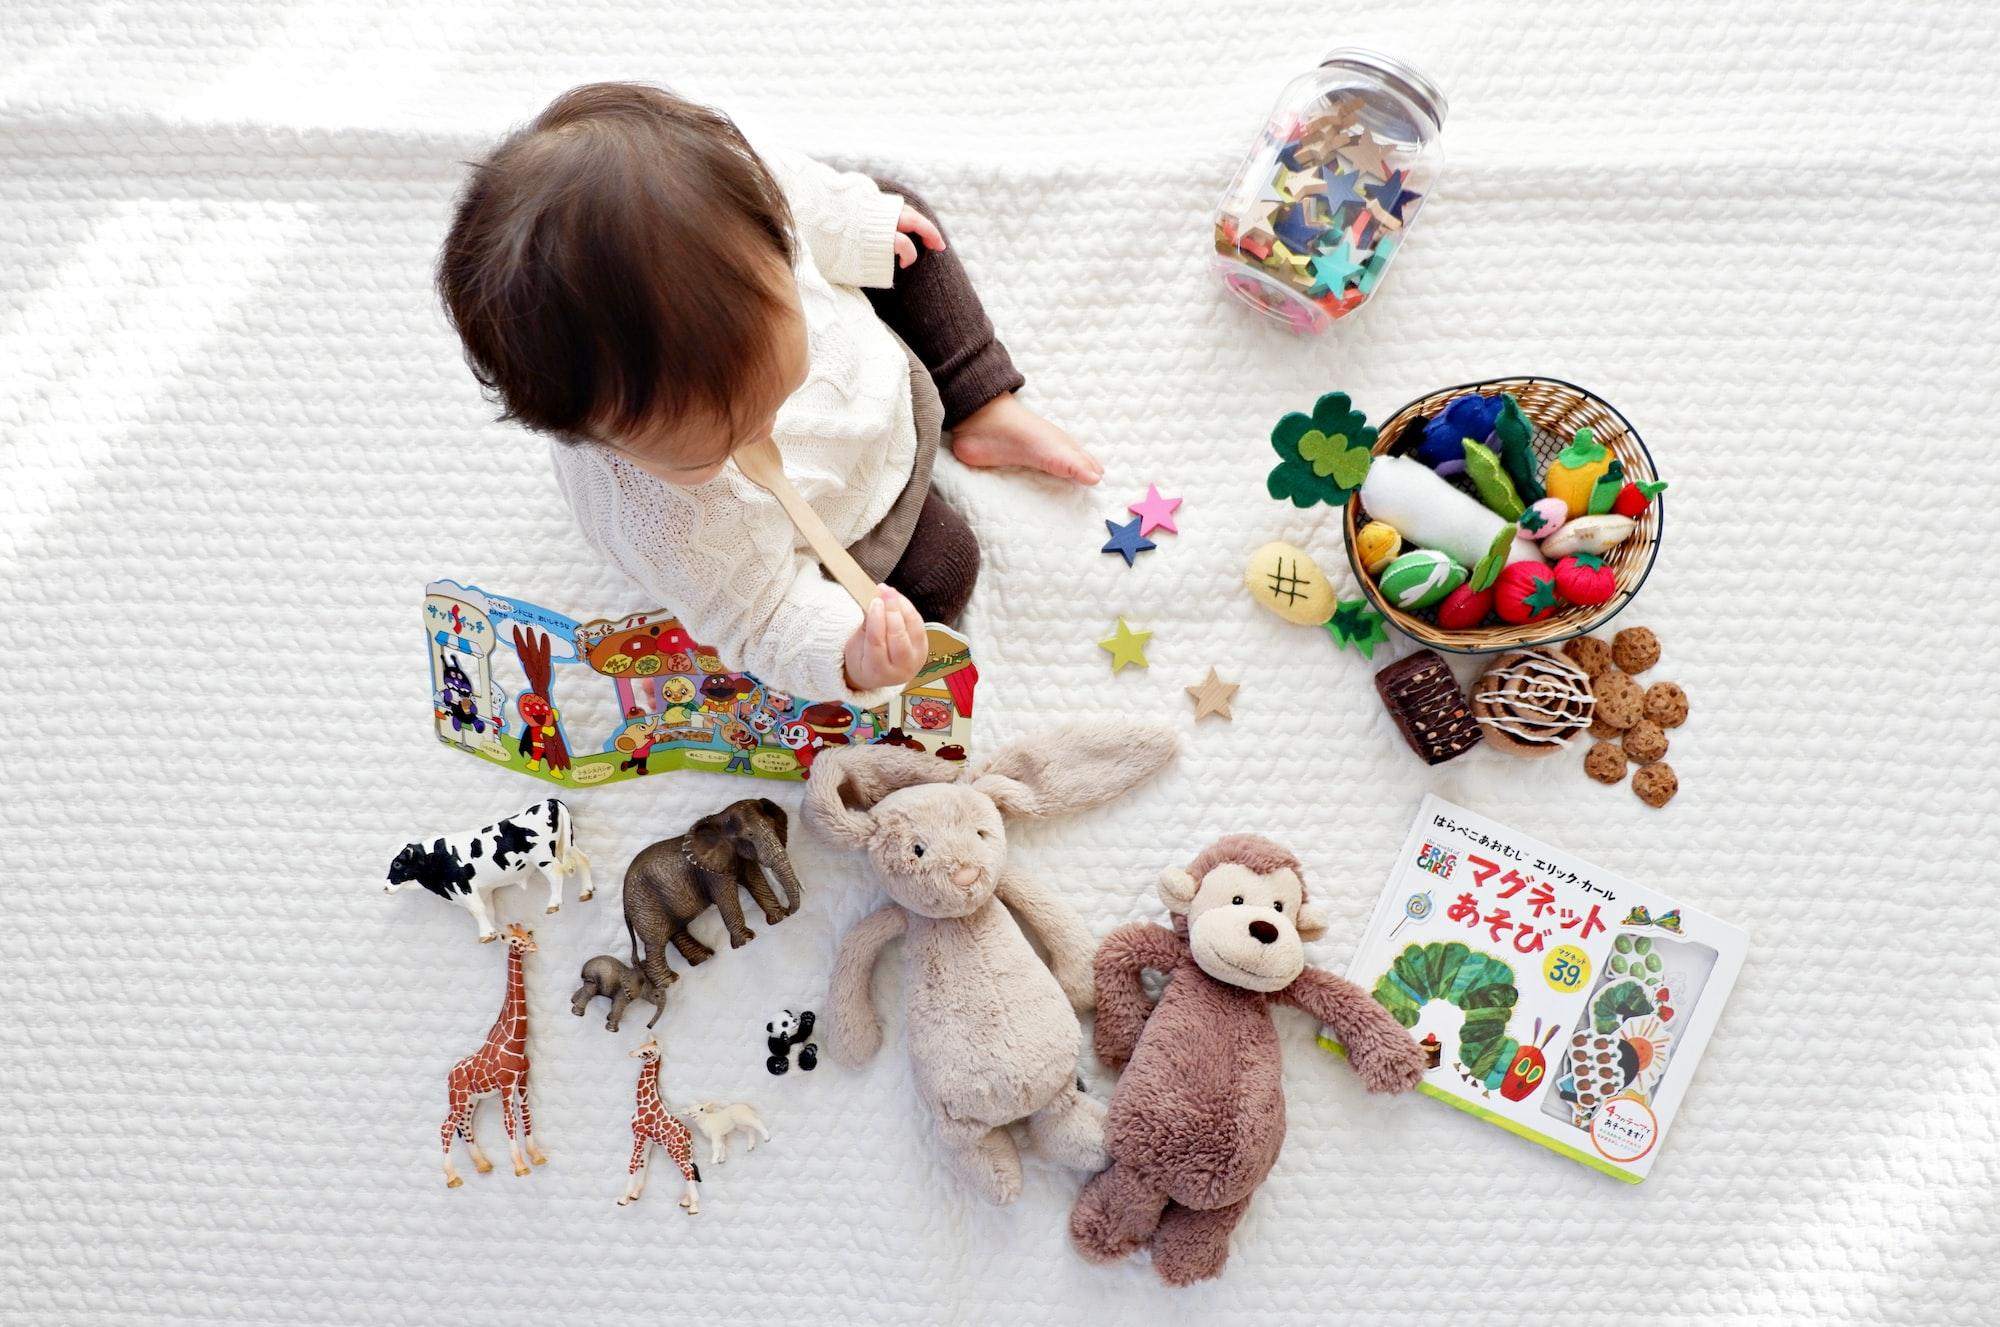 Kinh doanh online đồ mẹ và bé